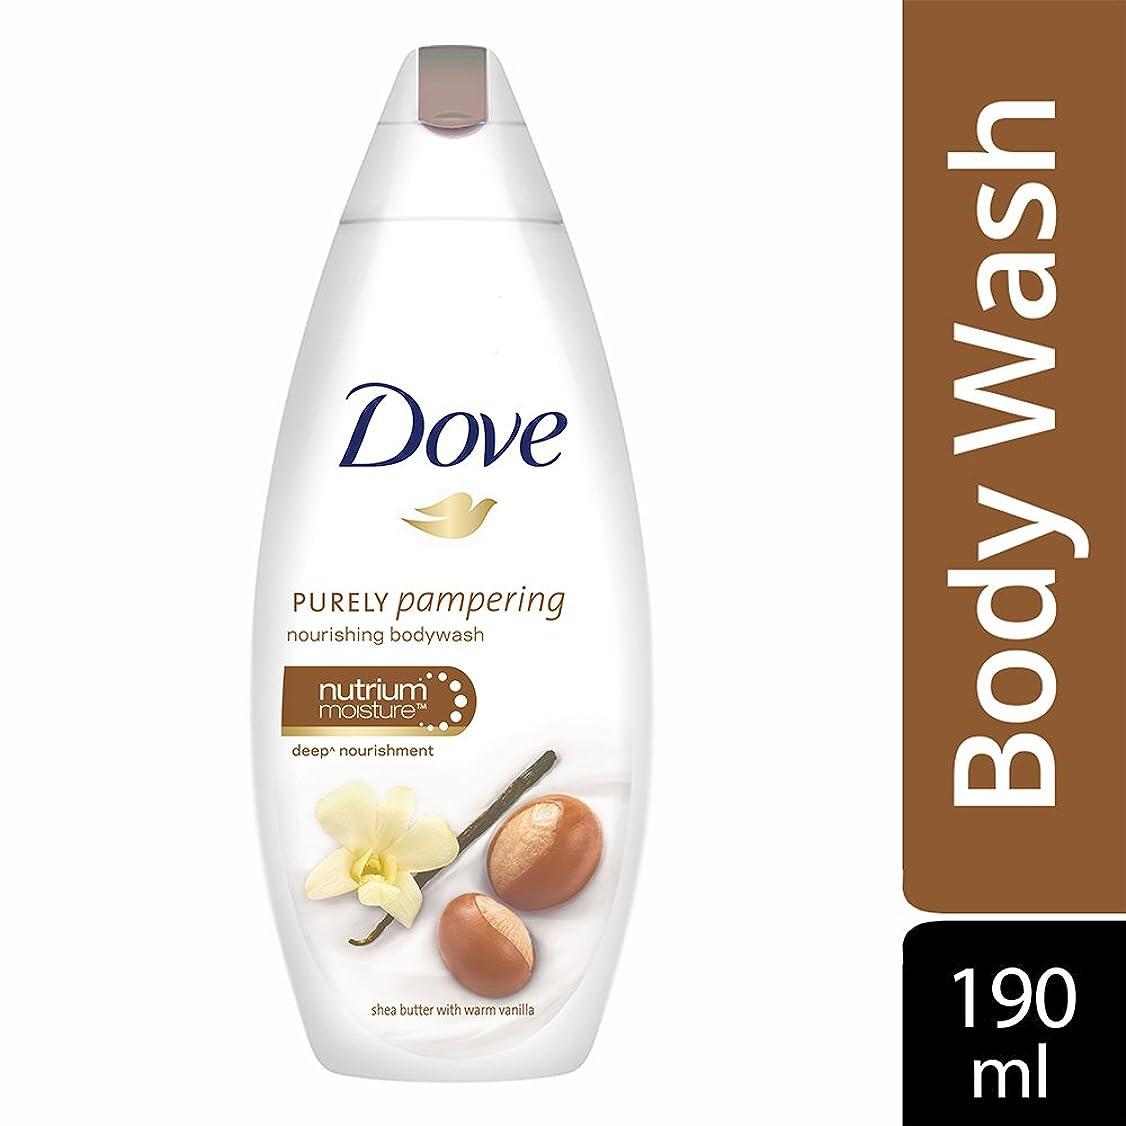 セーブ好きであるファンネルウェブスパイダーDove purely pampering Shea Butter and Warm Vanilla Body Wash, 190ml